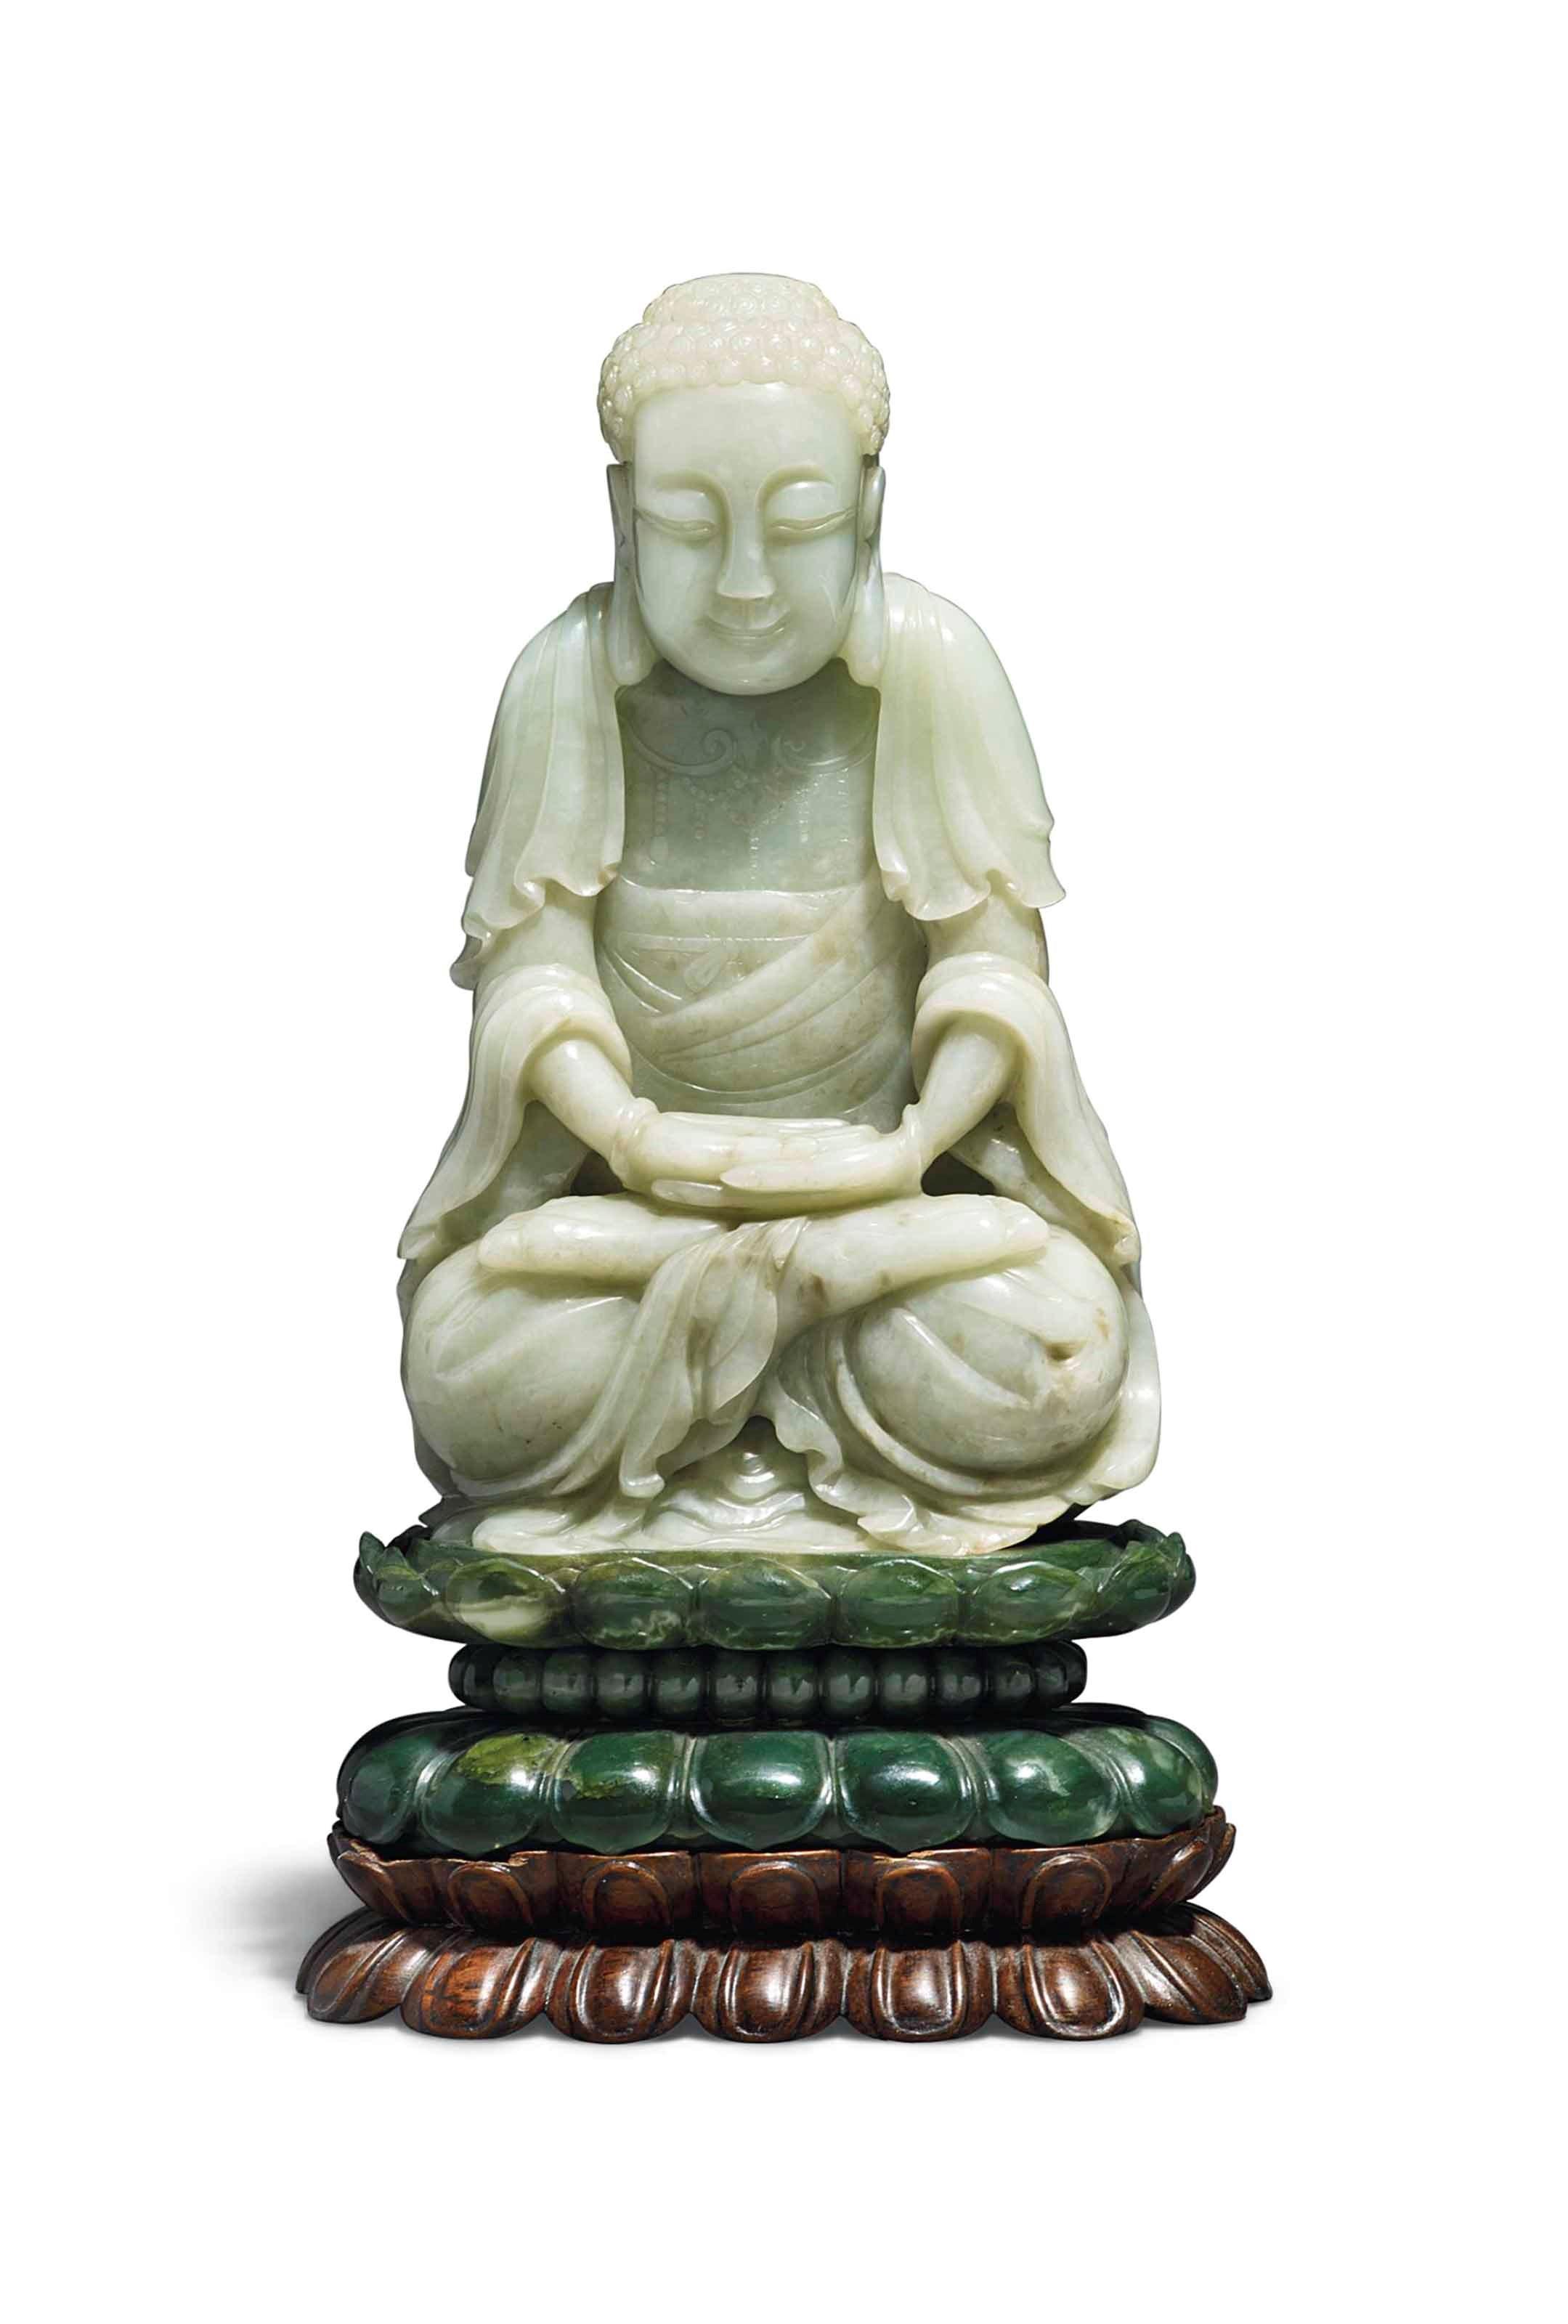 清十八十九世纪 青白玉佛像连碧玉座,高9¼吋 (23.5公分),此拍品于2016年11月8日在佳士得伦敦中国瓷器及工艺精品拍卖中以110,000英镑成交。